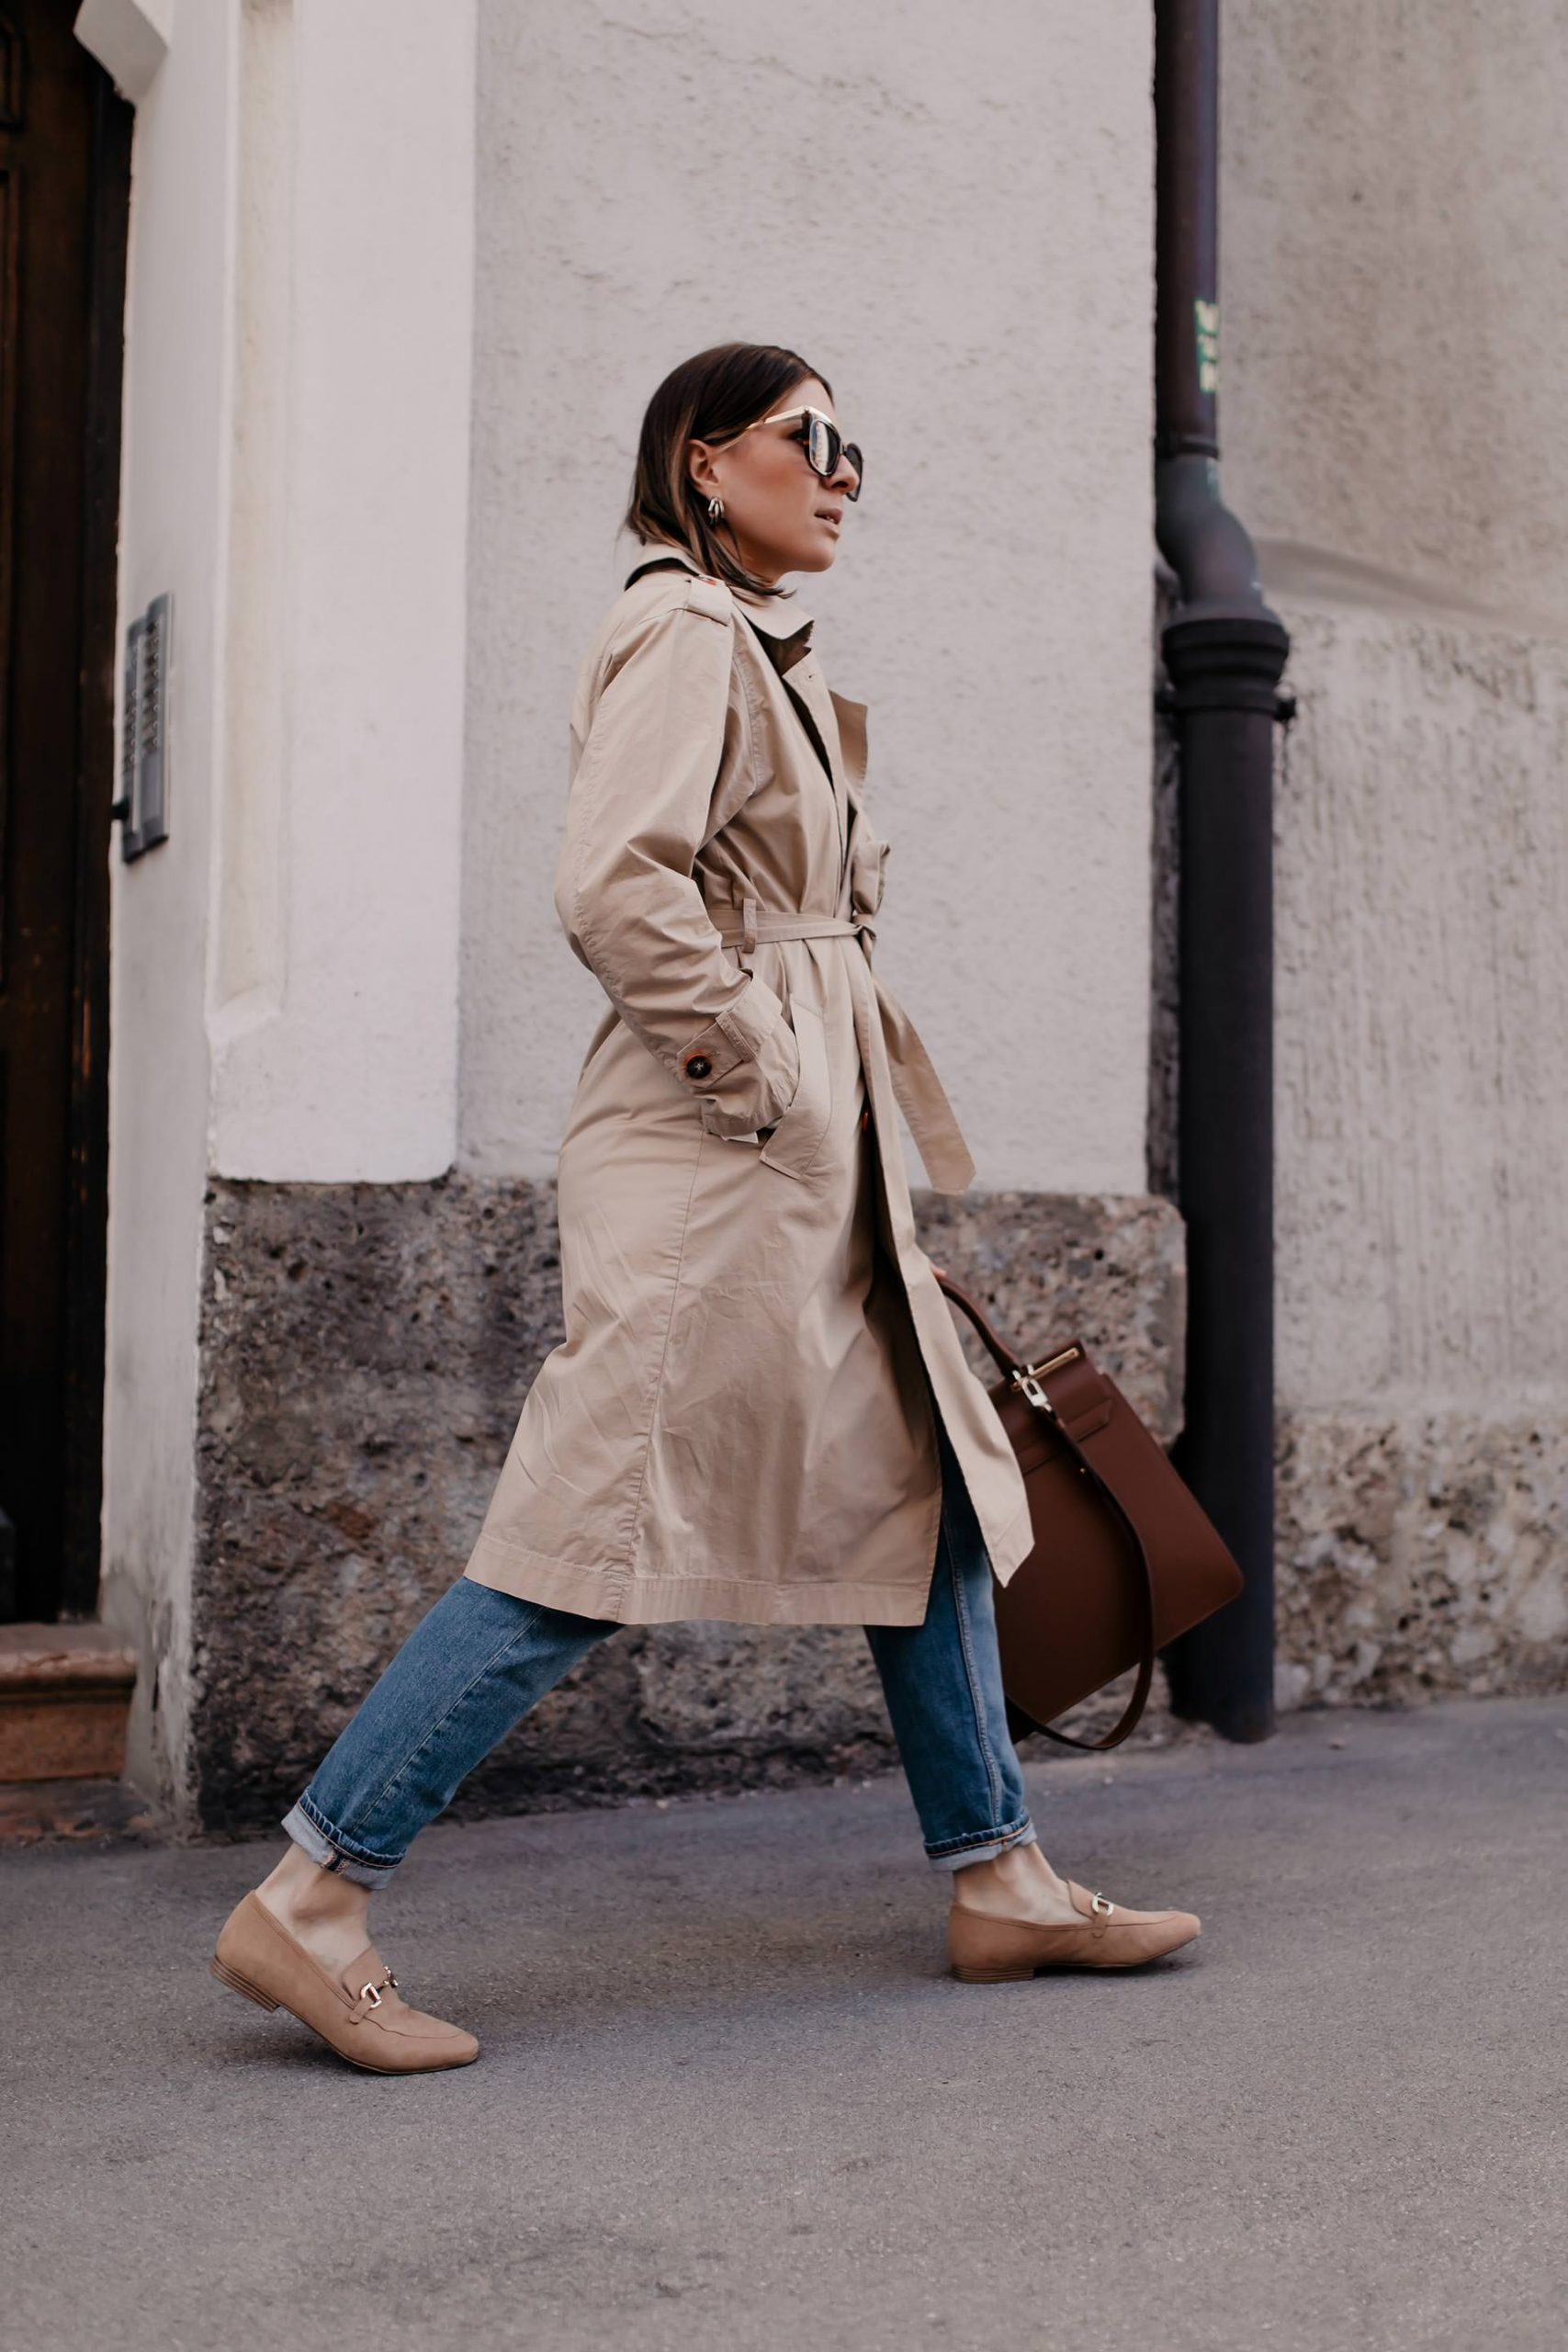 Loafer kombinieren leicht gemacht! Bei meinem Frühlingsoutfit zeige ich dir, wie ich schöne beige Loafers mit Mom Jeans und Trenchcoat style. www.whoismocca.com #loafer #frühlingsoutfit #frühlingstrends #trenchcoat